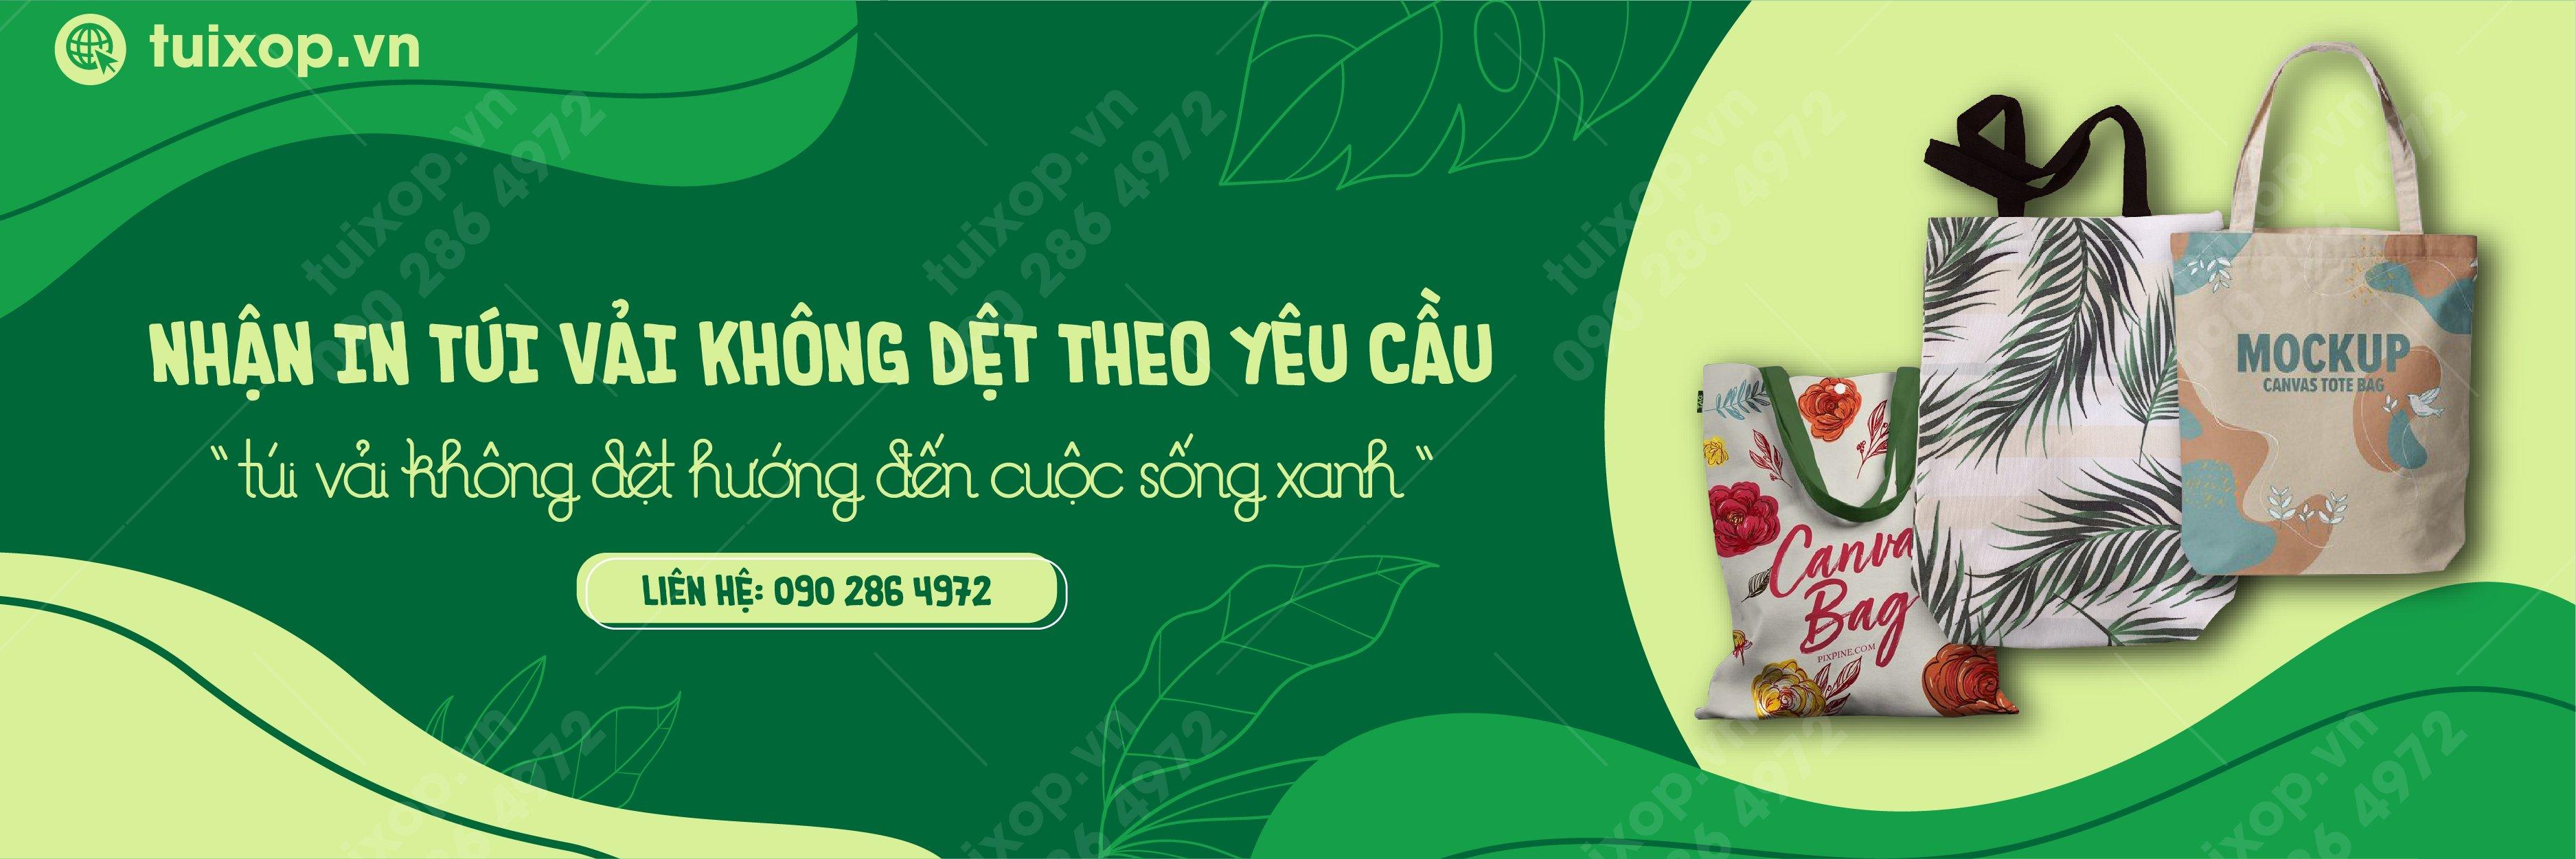 Nhan dat may tui vai khong det so luong it HCM